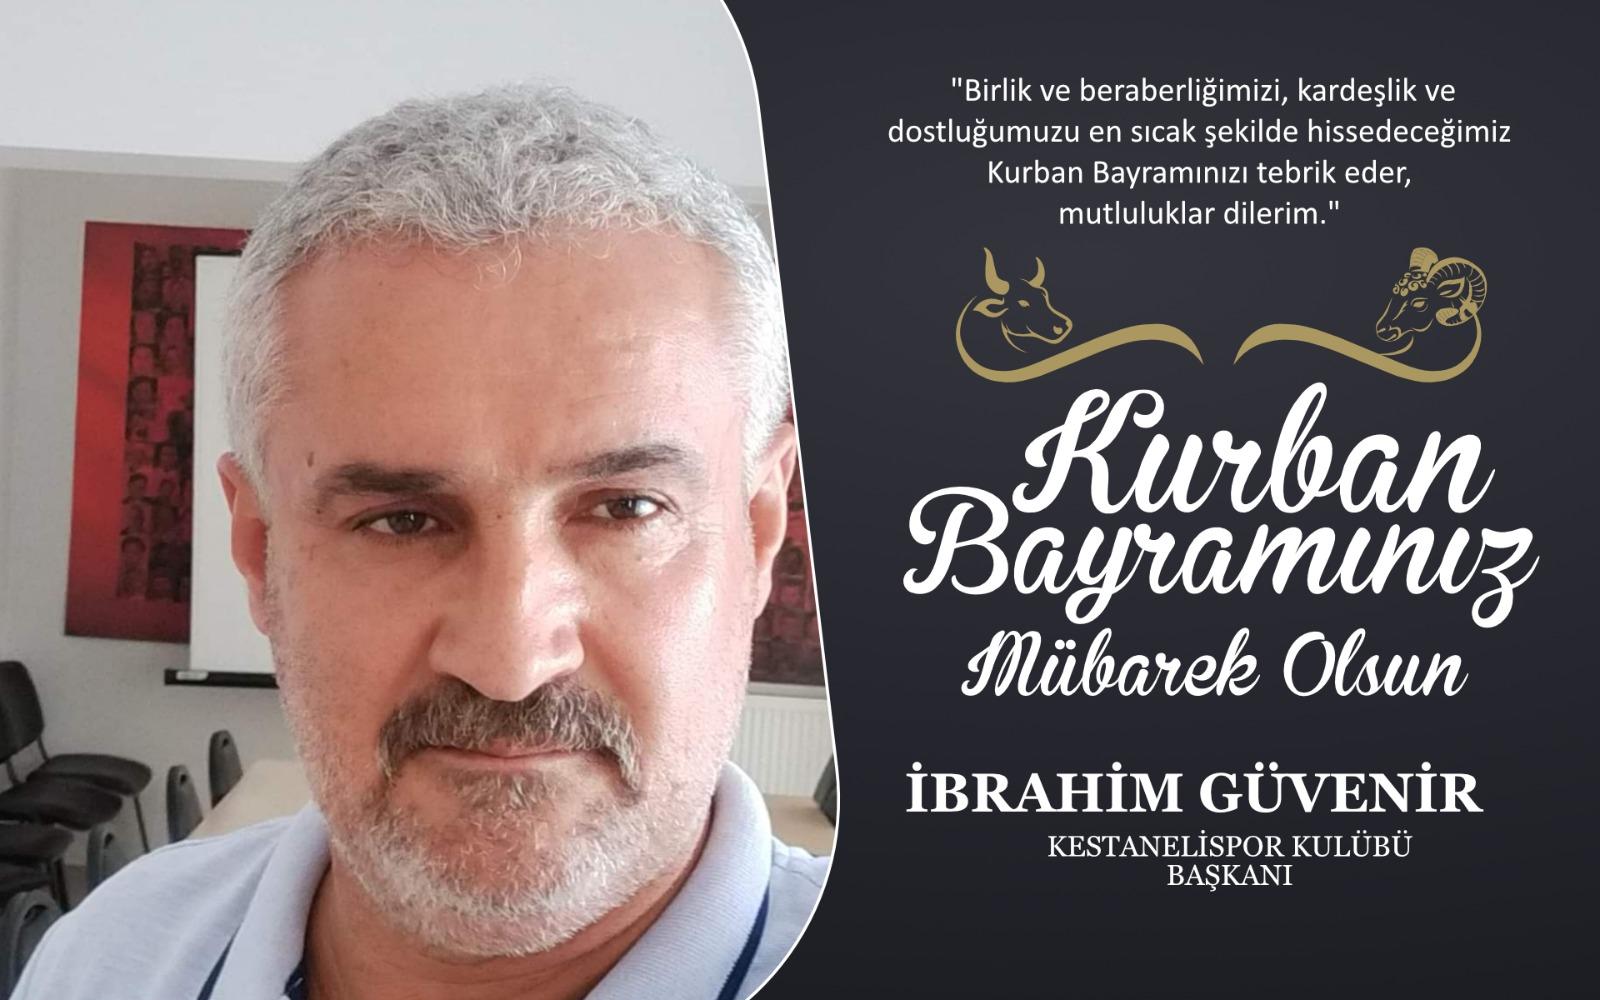 İbrahim Güvenir'den Kurban Bayramı Kutlama Mesajı